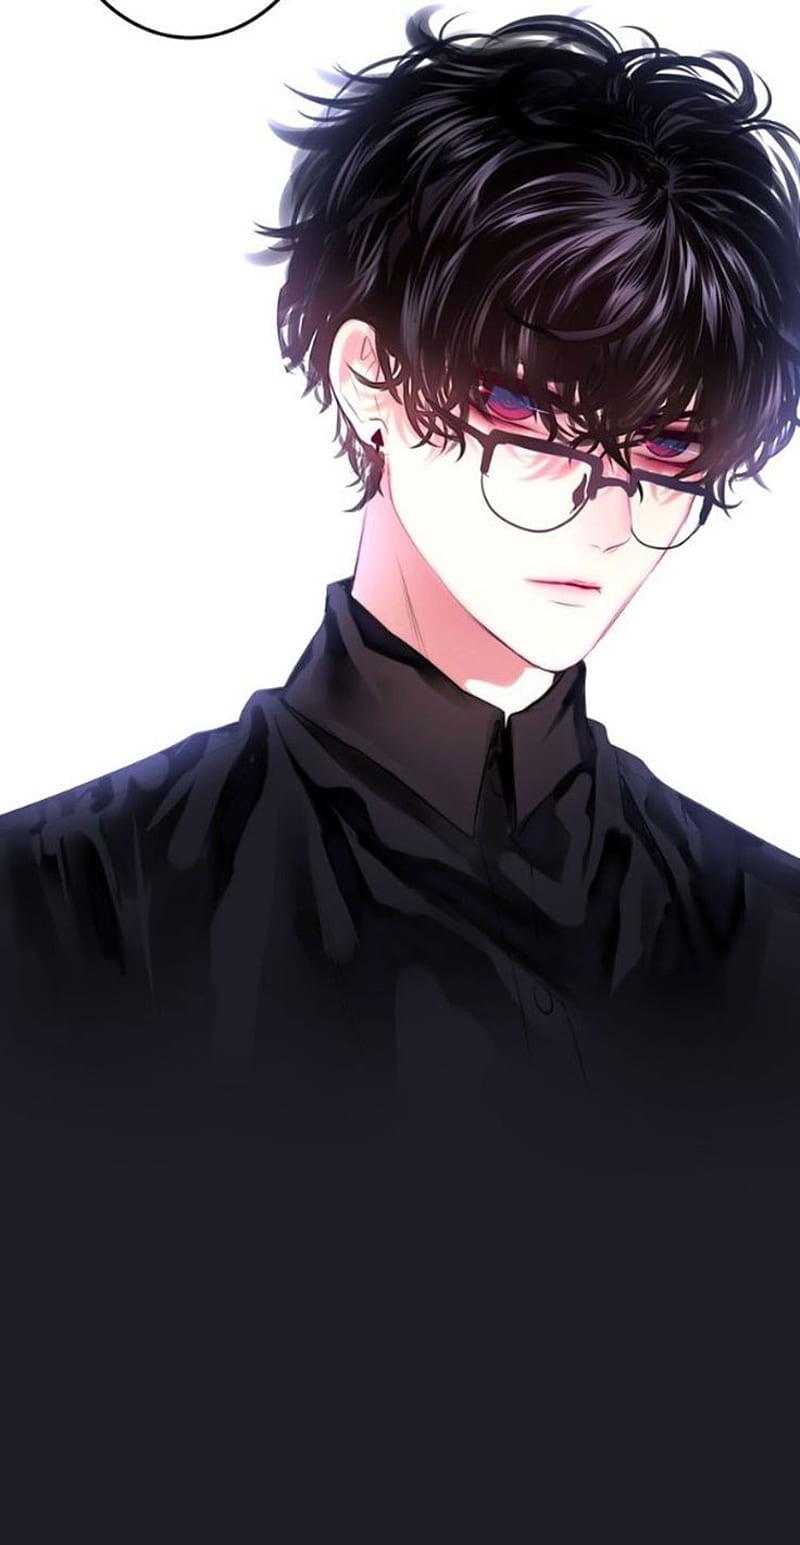 Anime Boy Cute Love Hd Mobile Wallpaper Peakpx